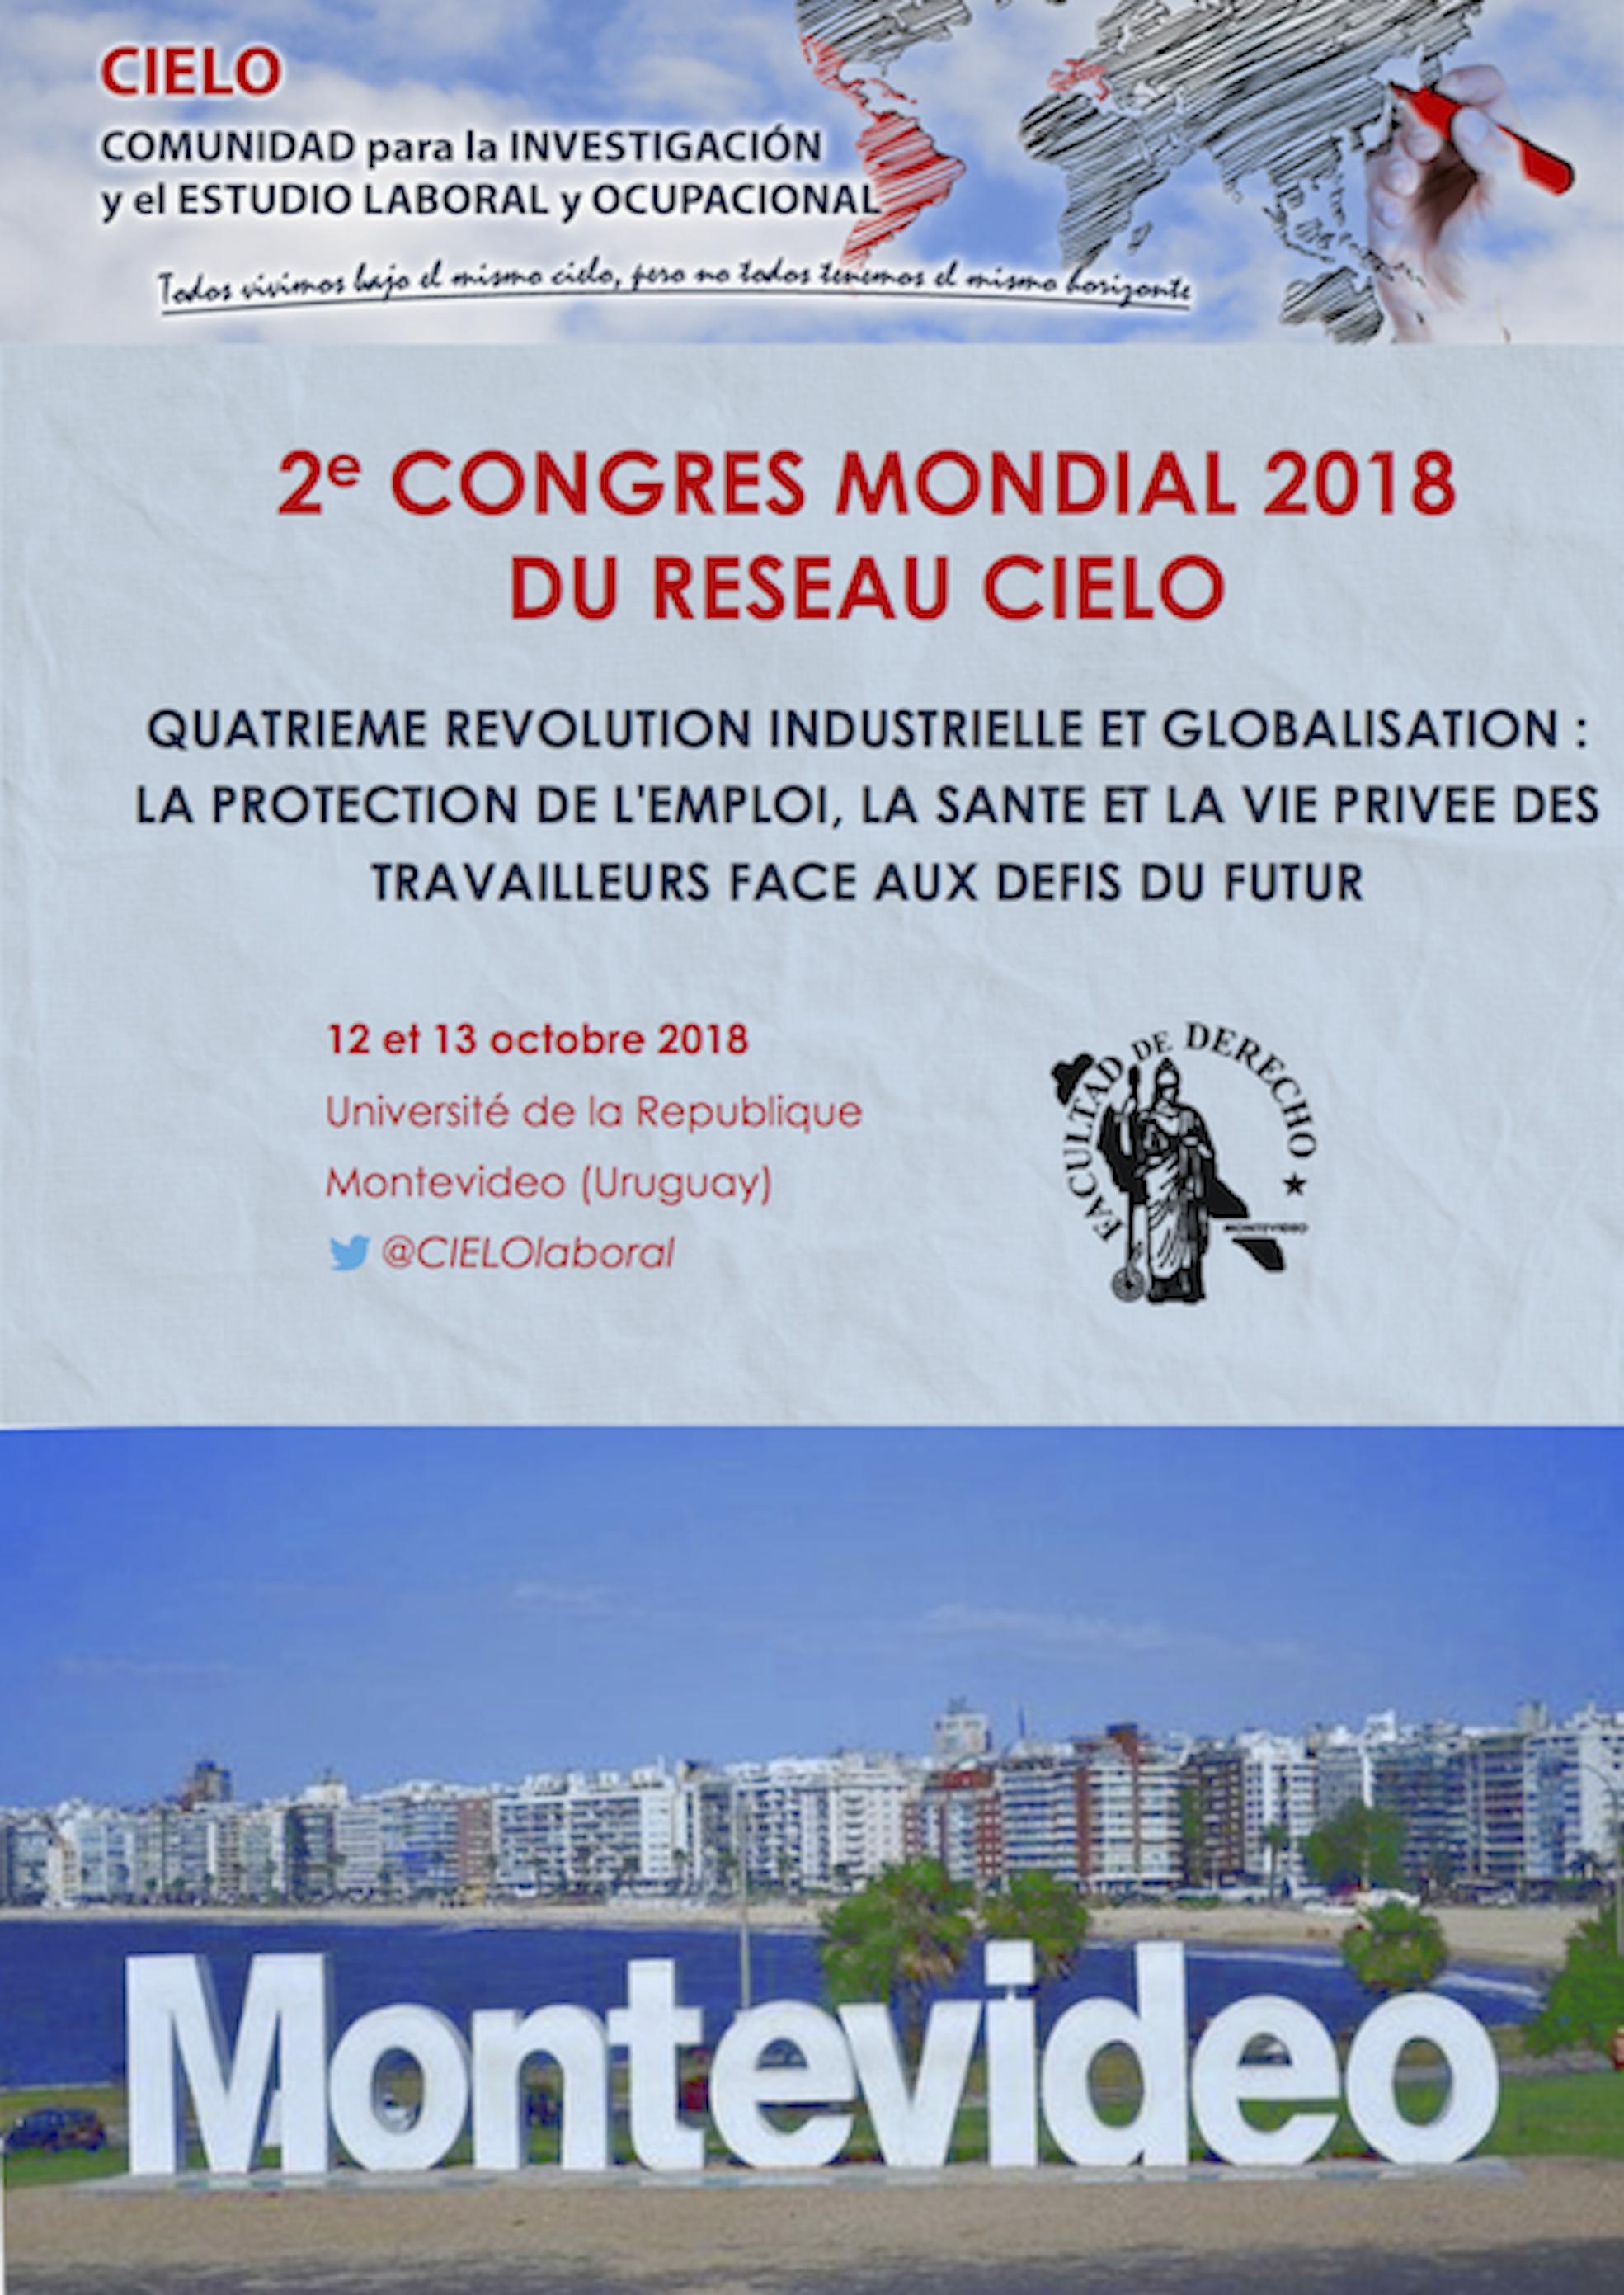 affiche_congres_mondial_cielo_2018